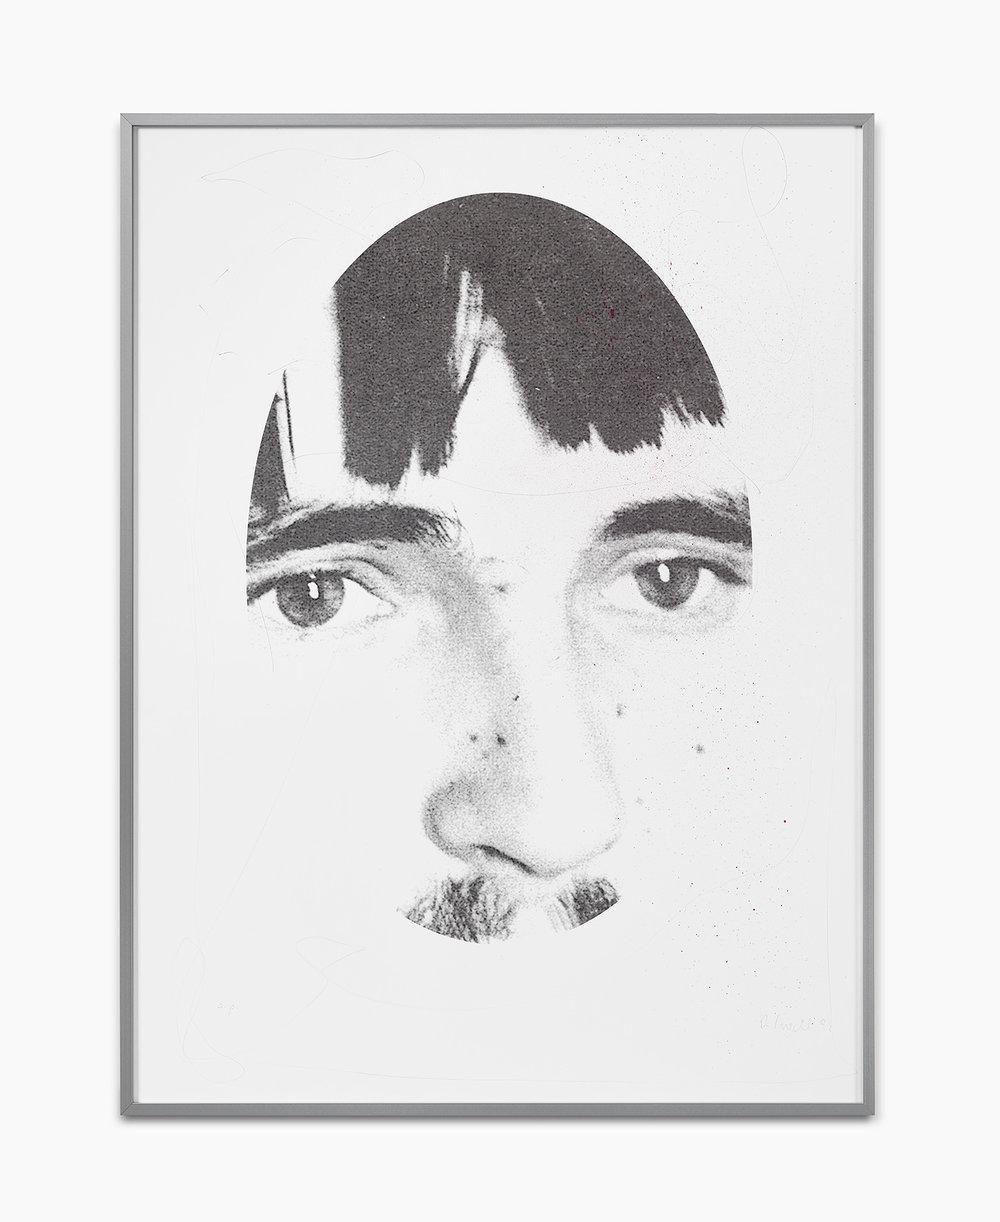 Rosemarie Trockel Cavalli 1998  Siebdruck Bleistift Acryl auf Papier im Künstlerrahmen Ed. Ap (Edition von 10)